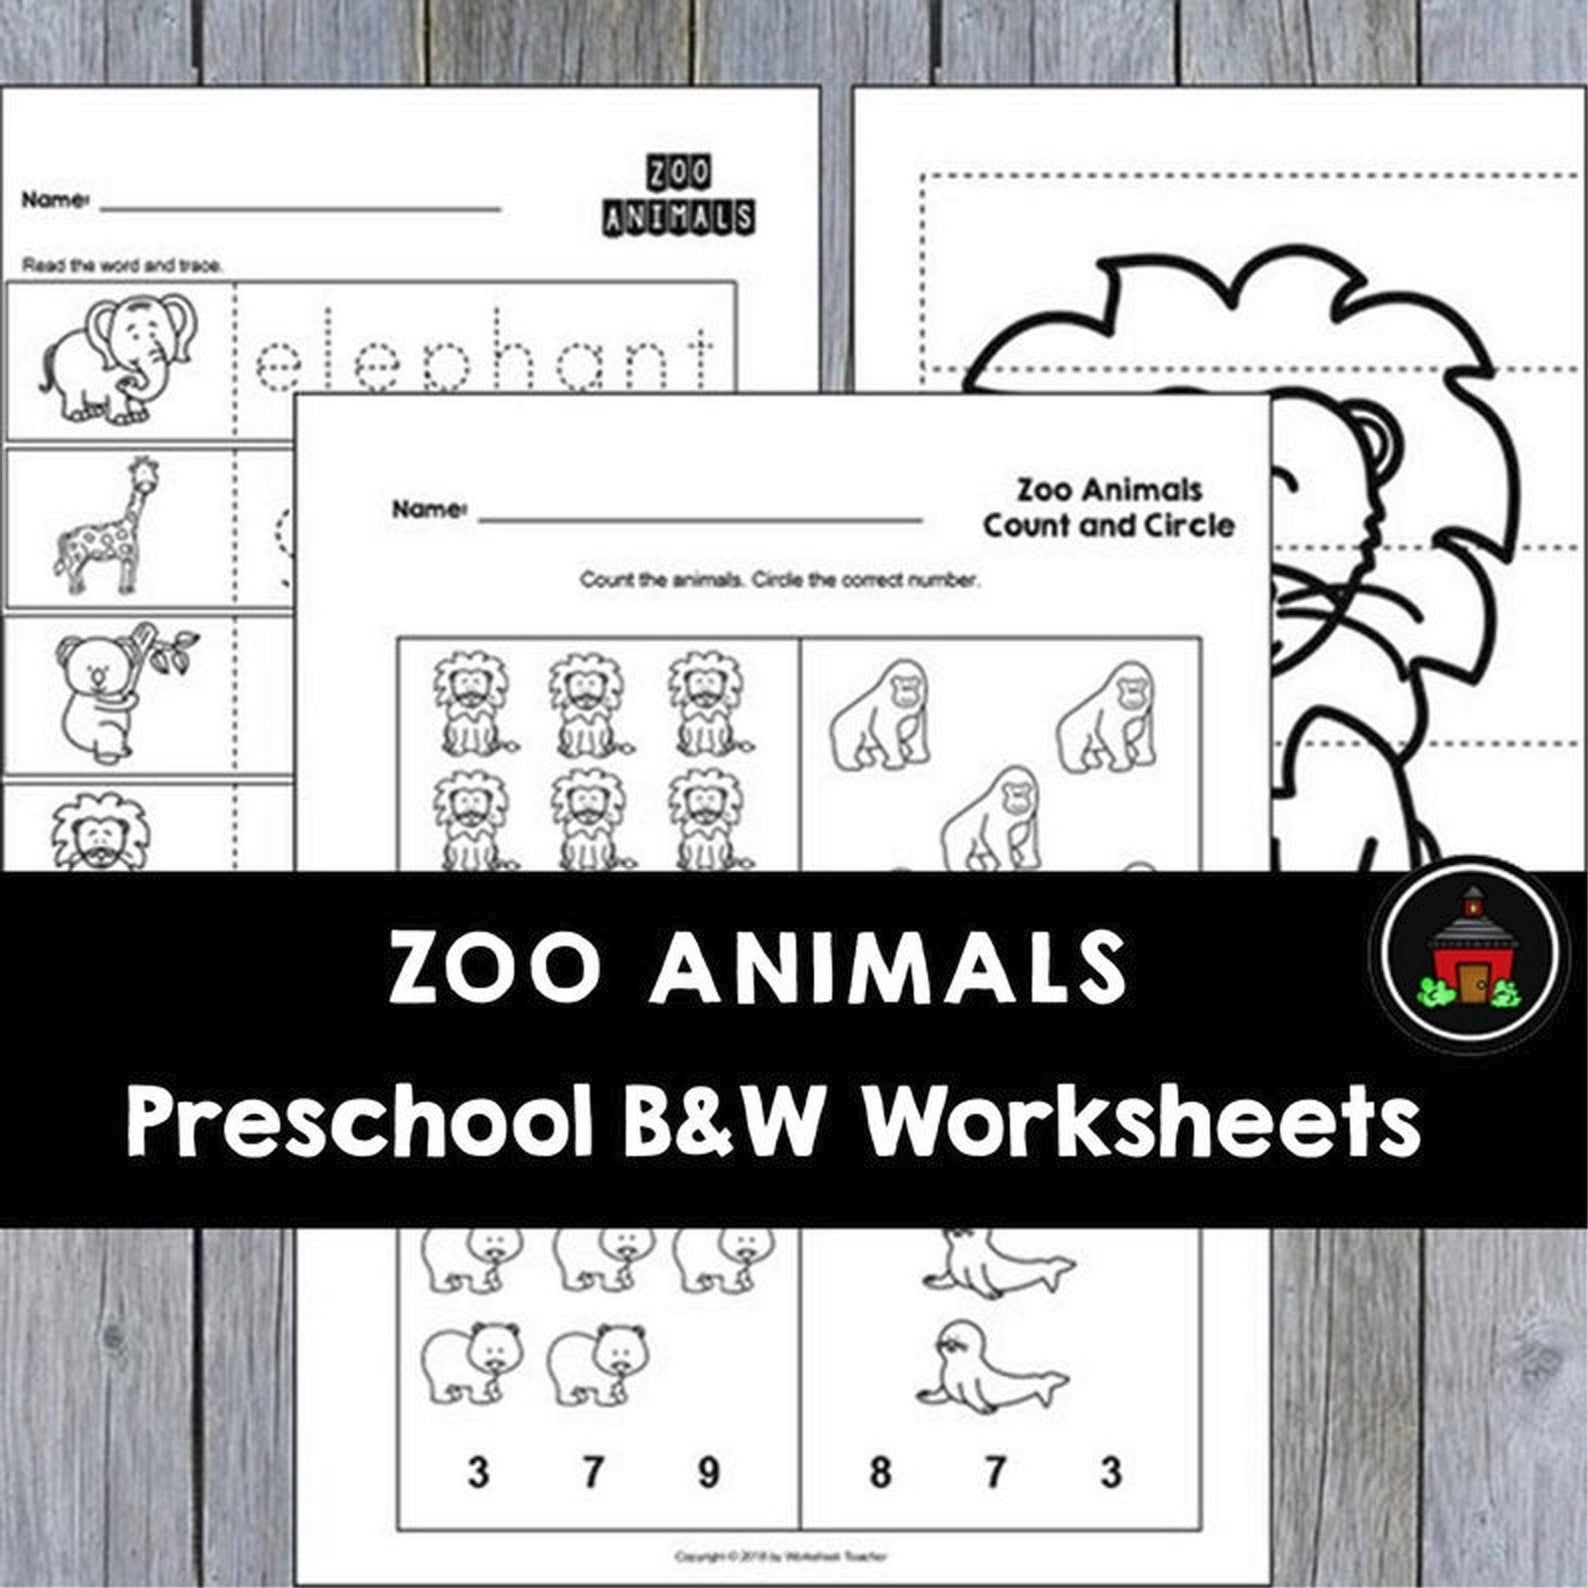 25 Zoo Animals Preschool Curriculum Activities